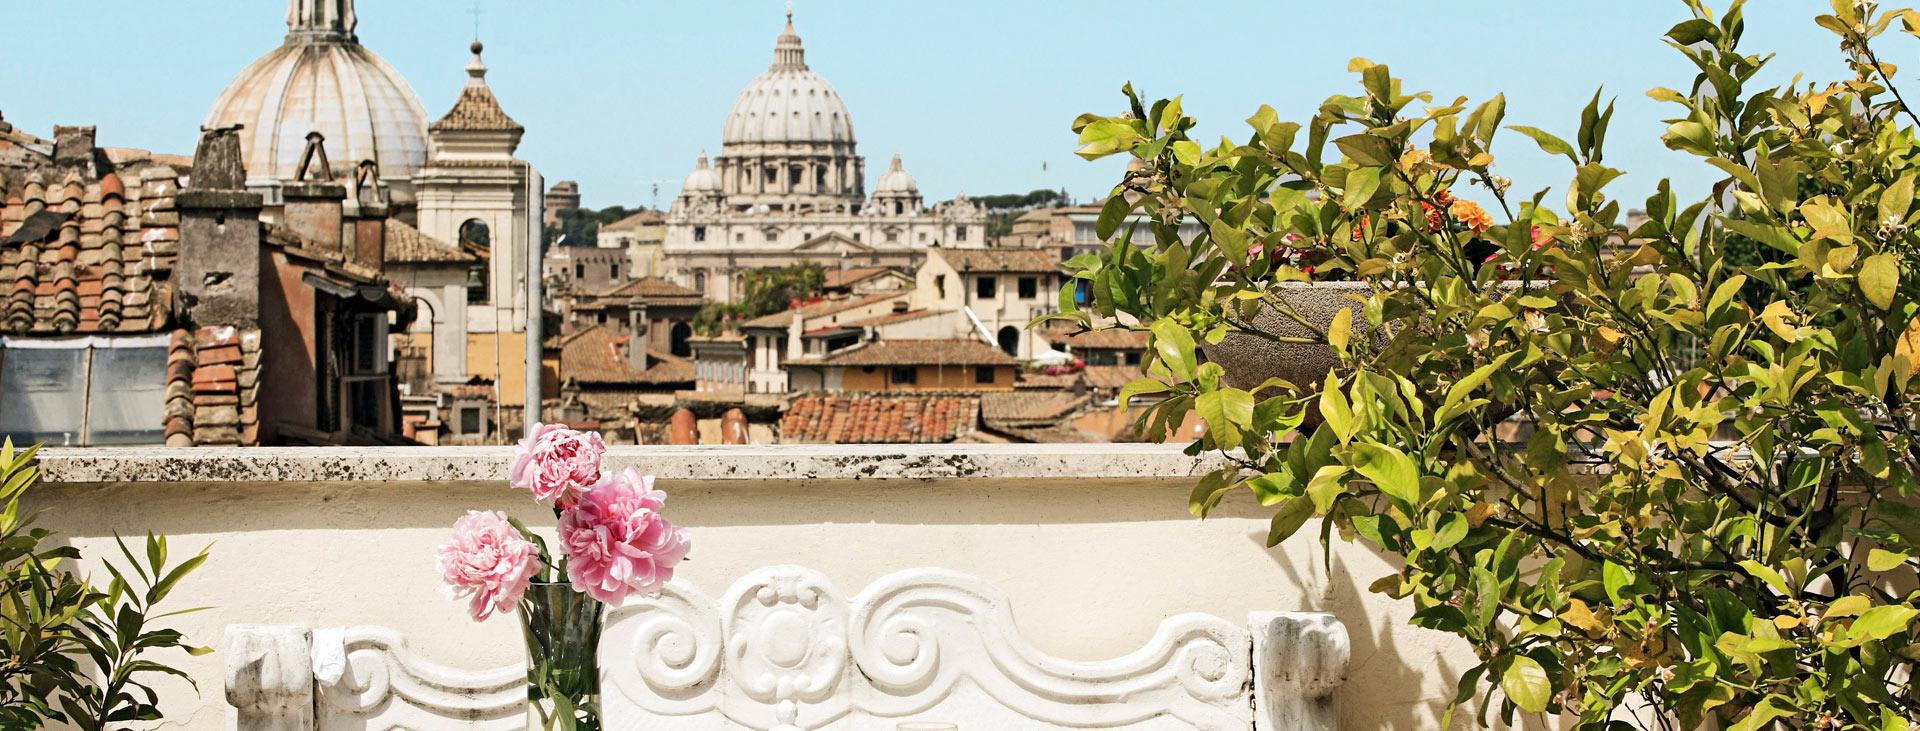 Genio, Rom, Italien